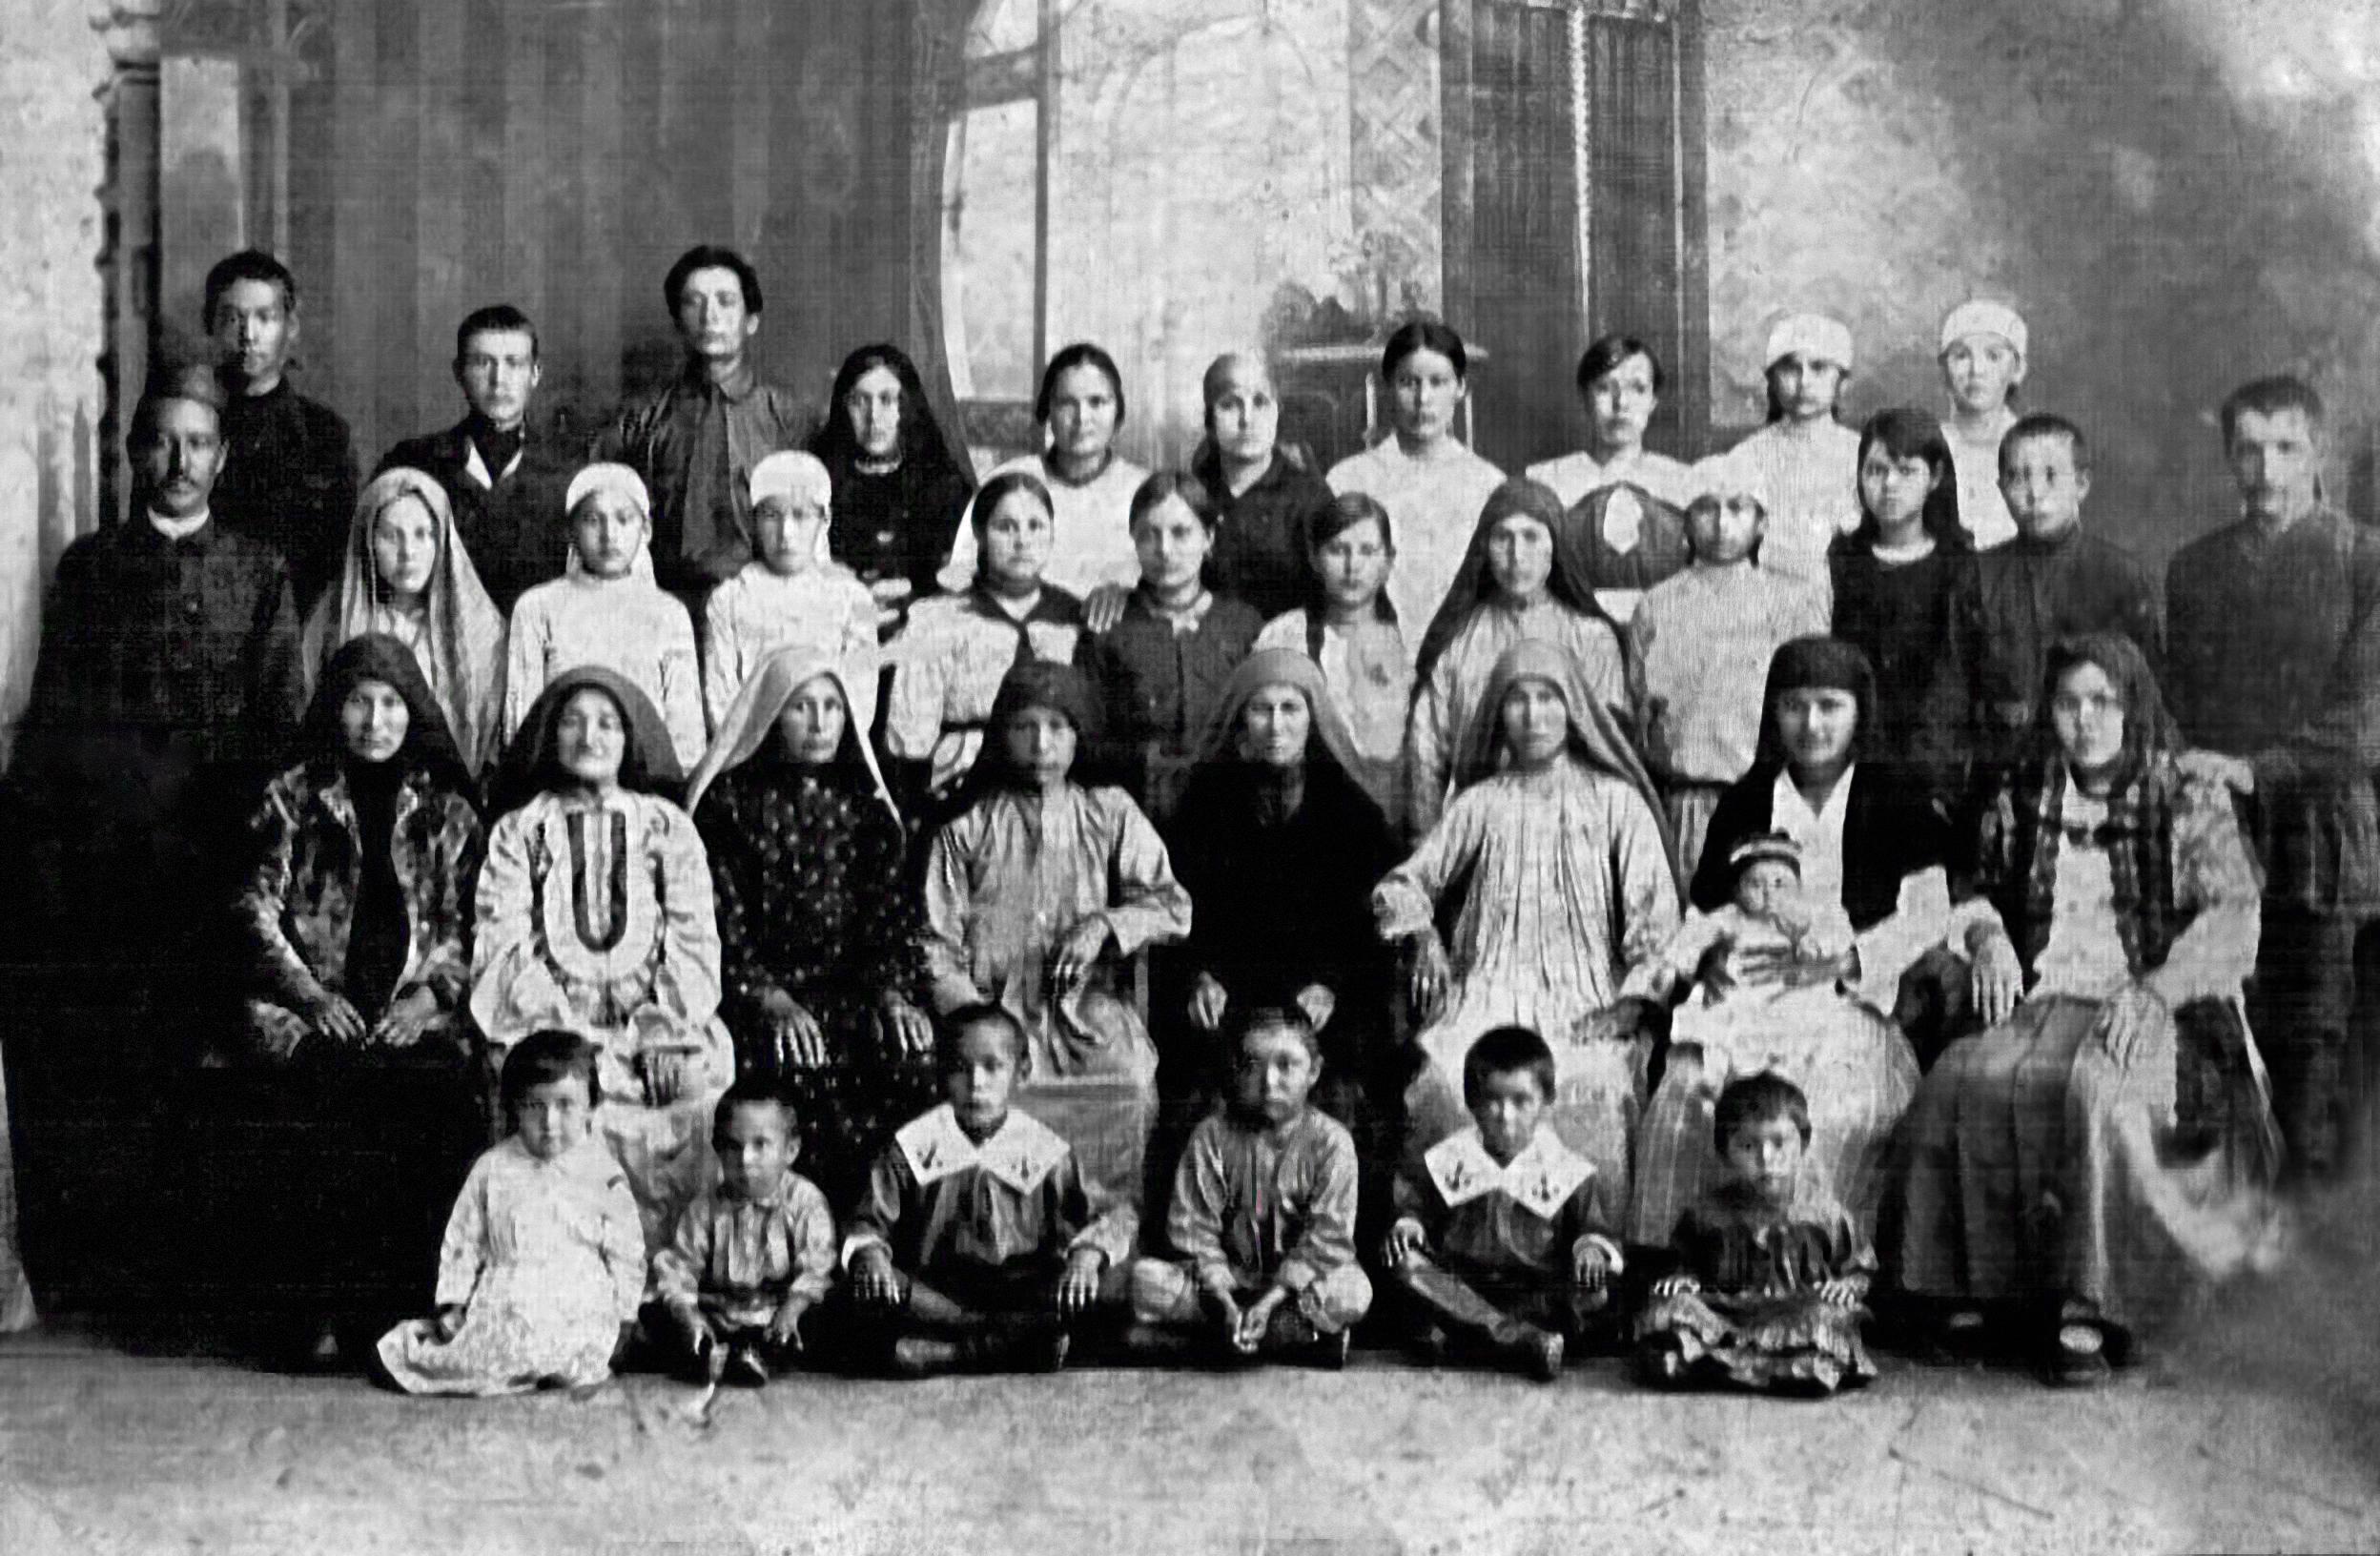 сибирские татары, выставка, бухарцы, в тюмени, музей, выставка в тюмени, музеи в тюмени, легенды сибири, что посмотреть